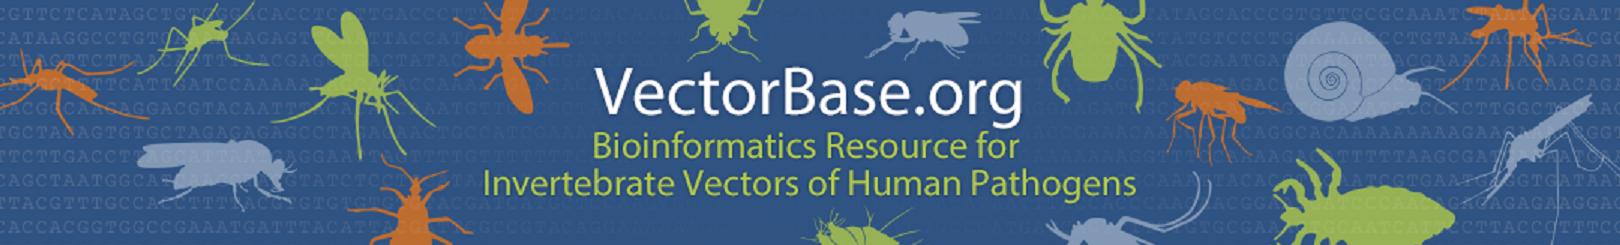 VectorBase banner